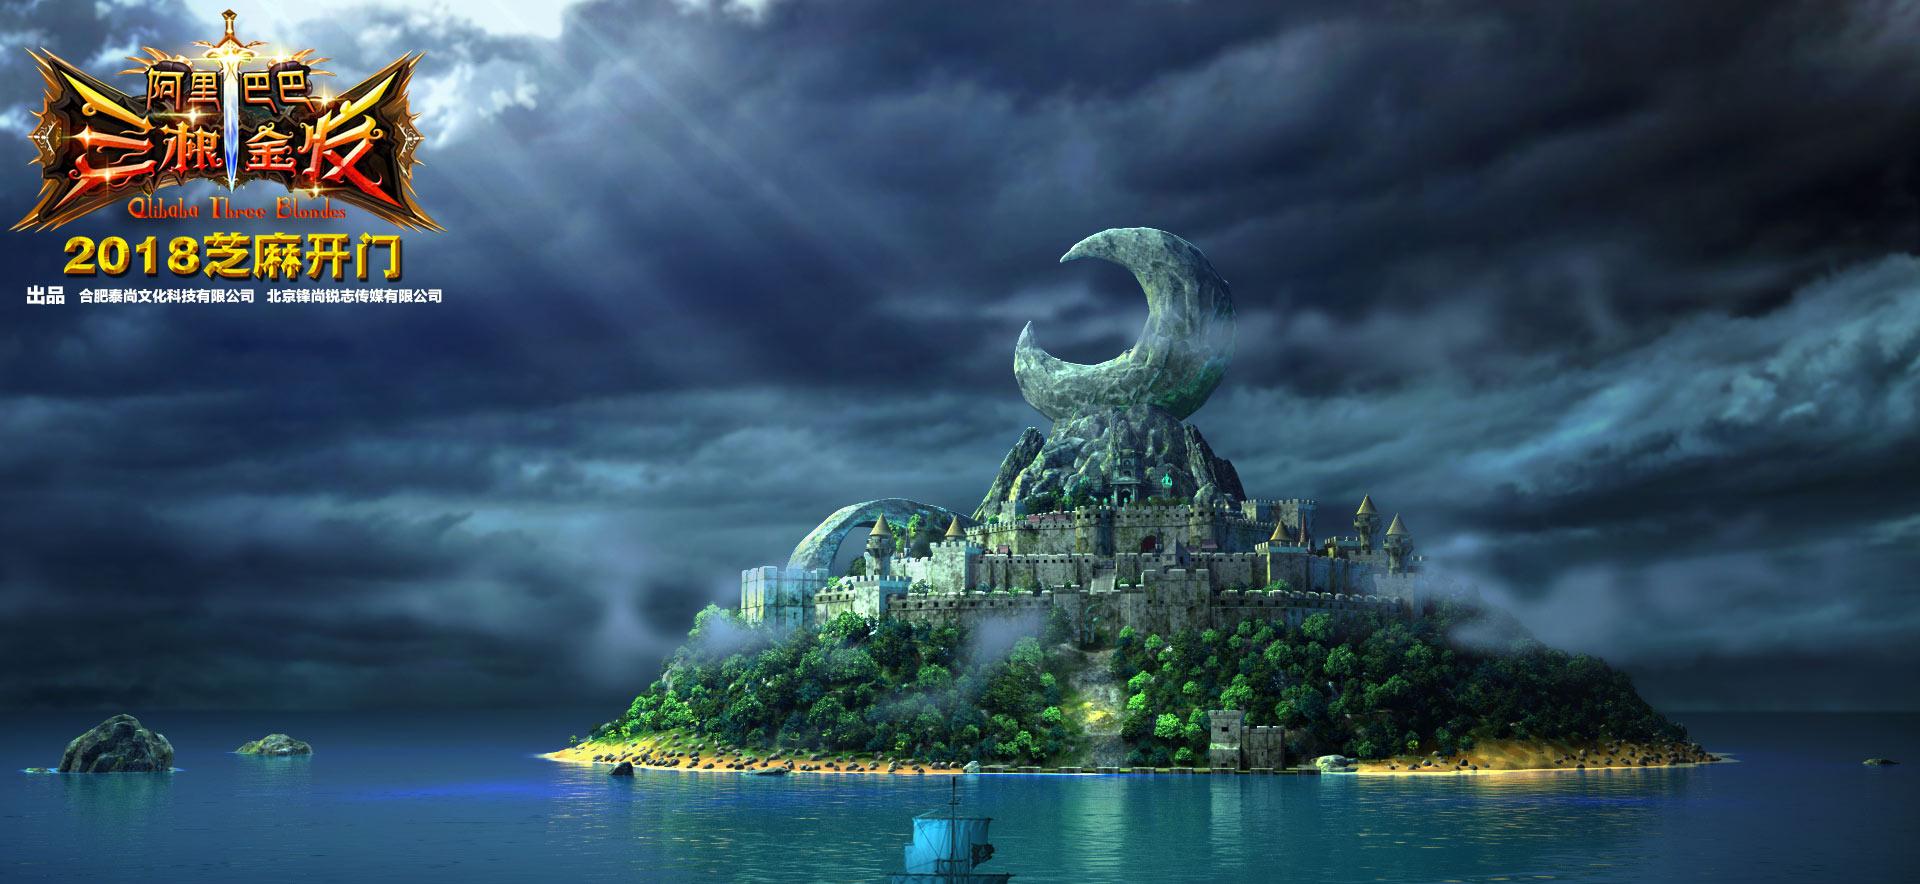 《阿里巴巴三根金发》发布月亮城场景海报